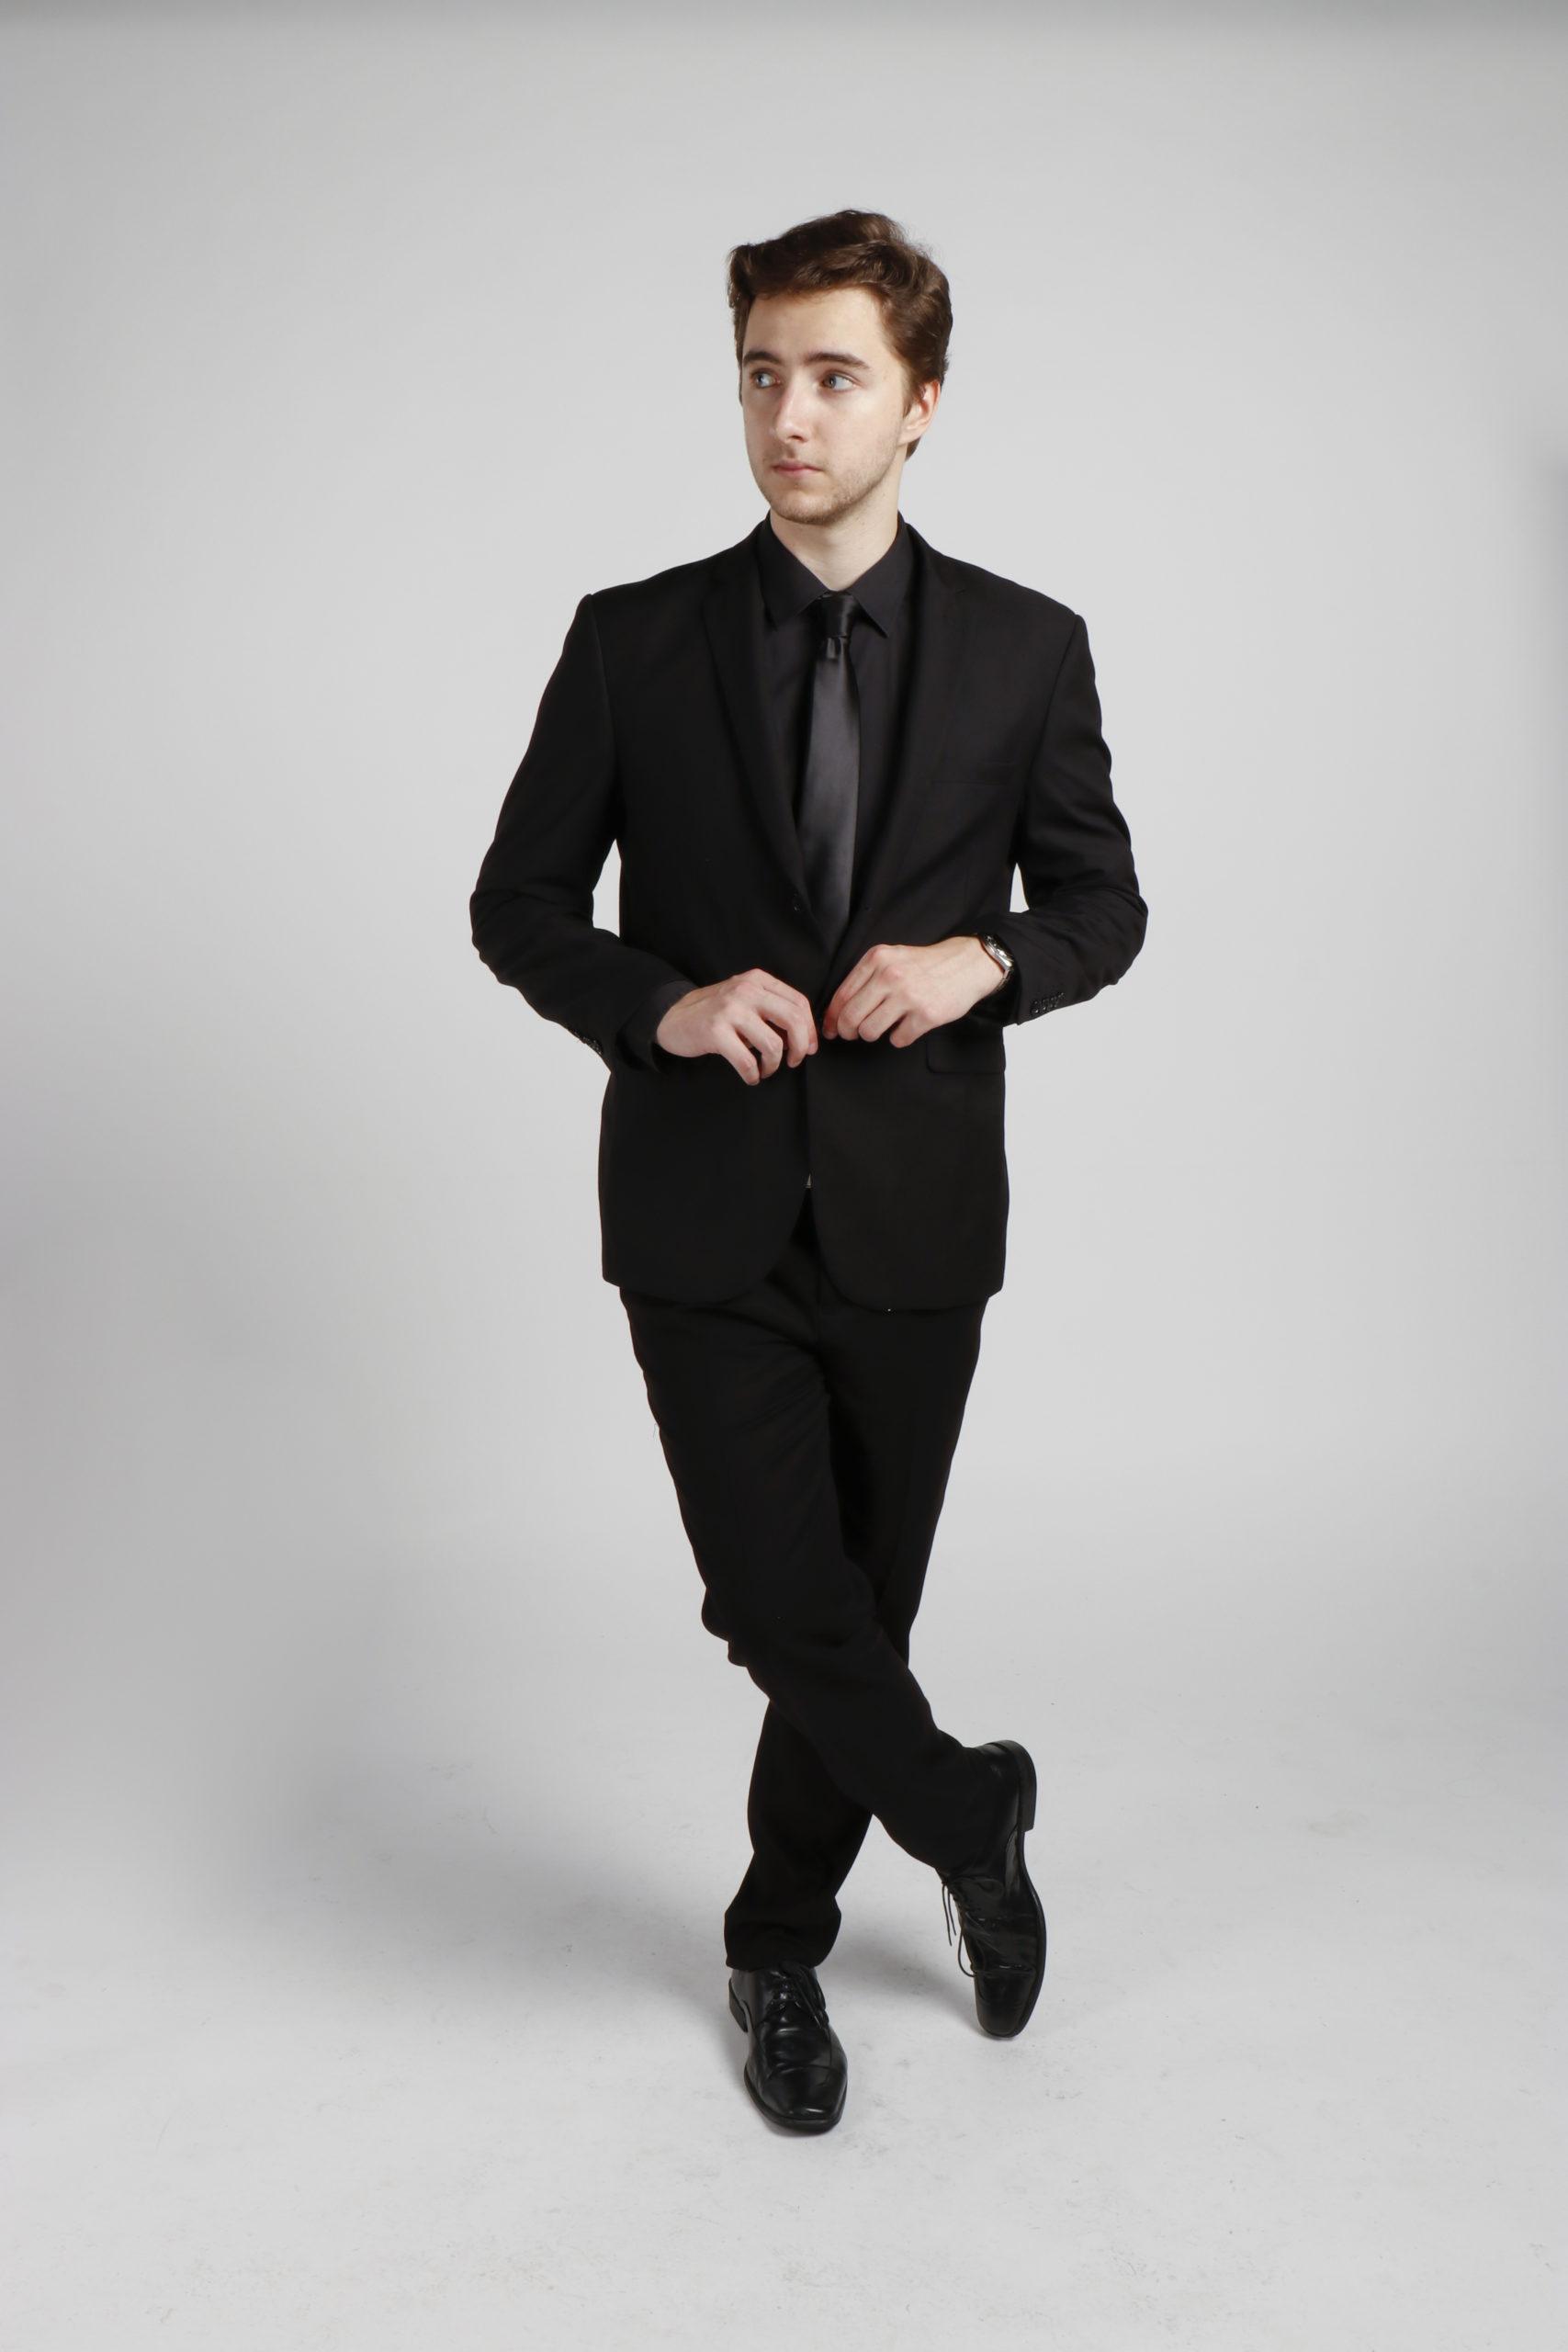 All Black Suit Hire